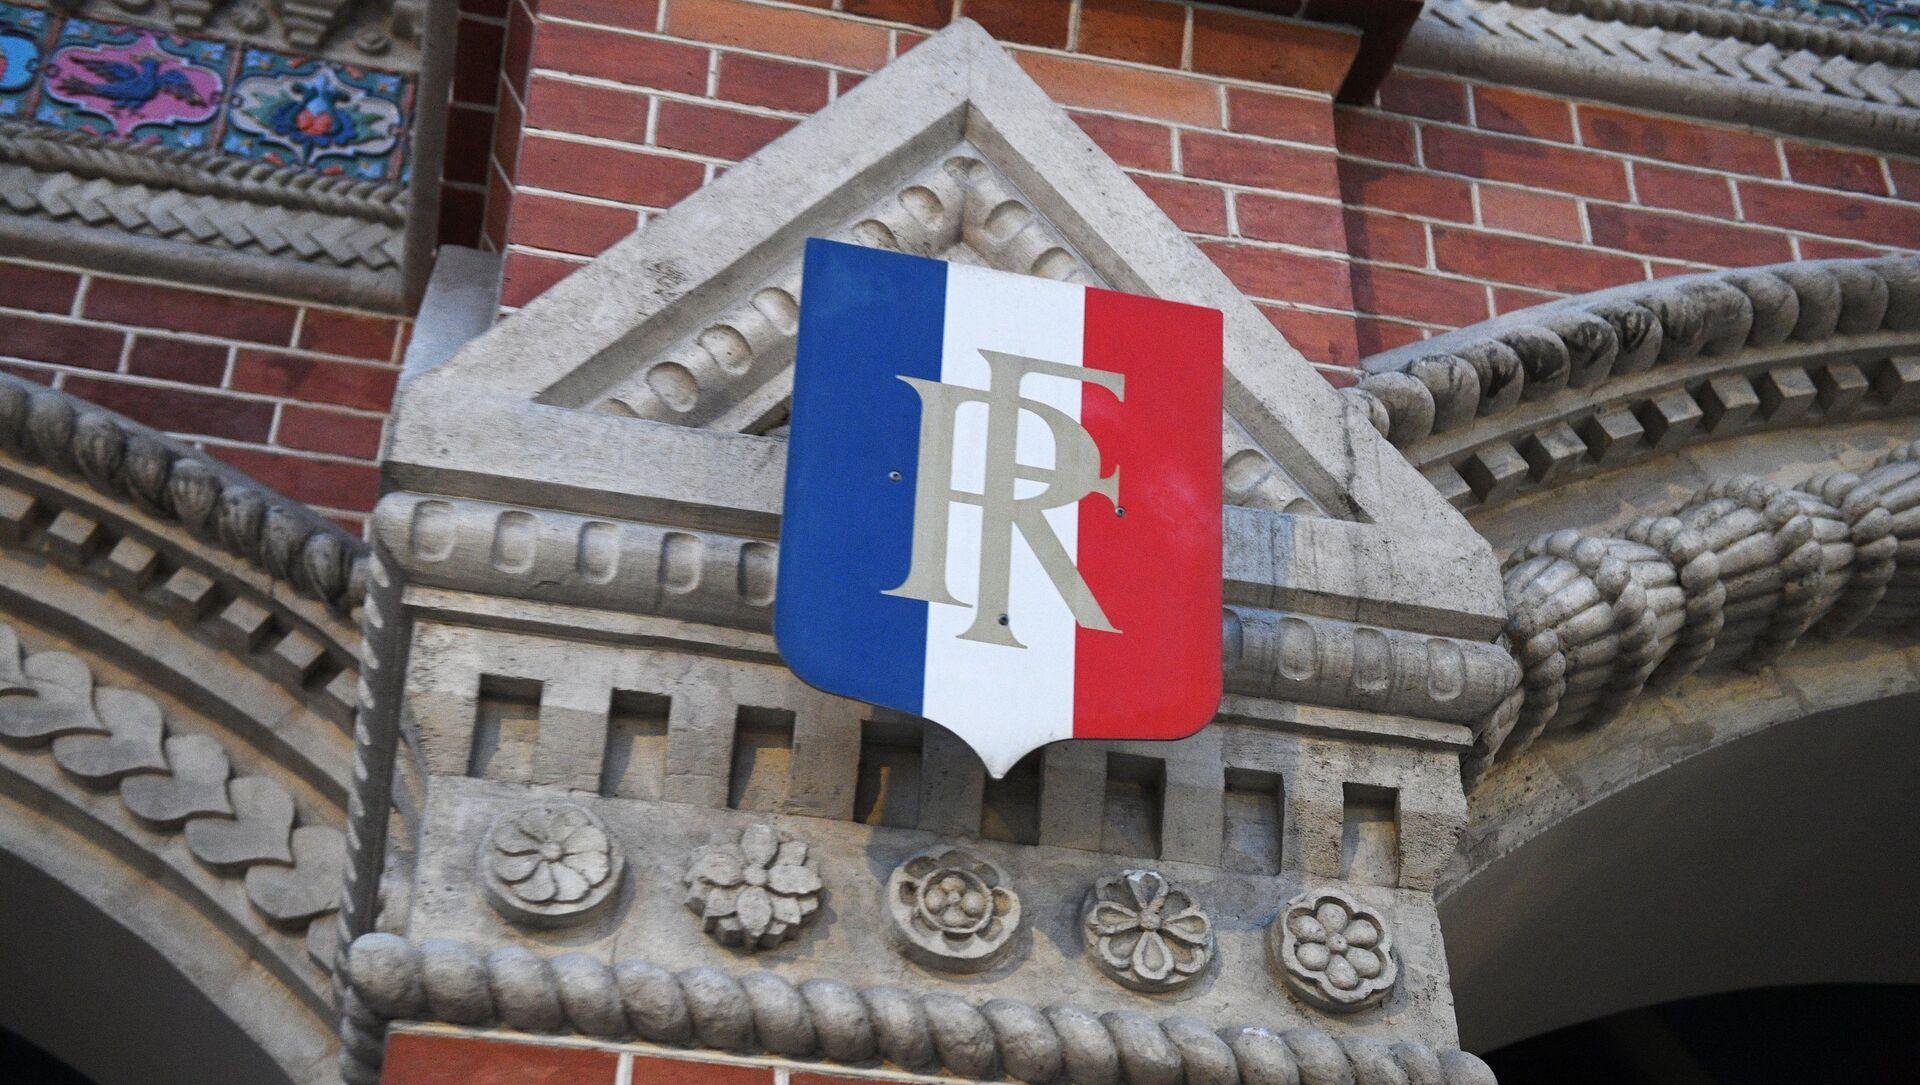 Đại sứ quán Pháp tại Nga - Sputnik Việt Nam, 1920, 18.09.2021